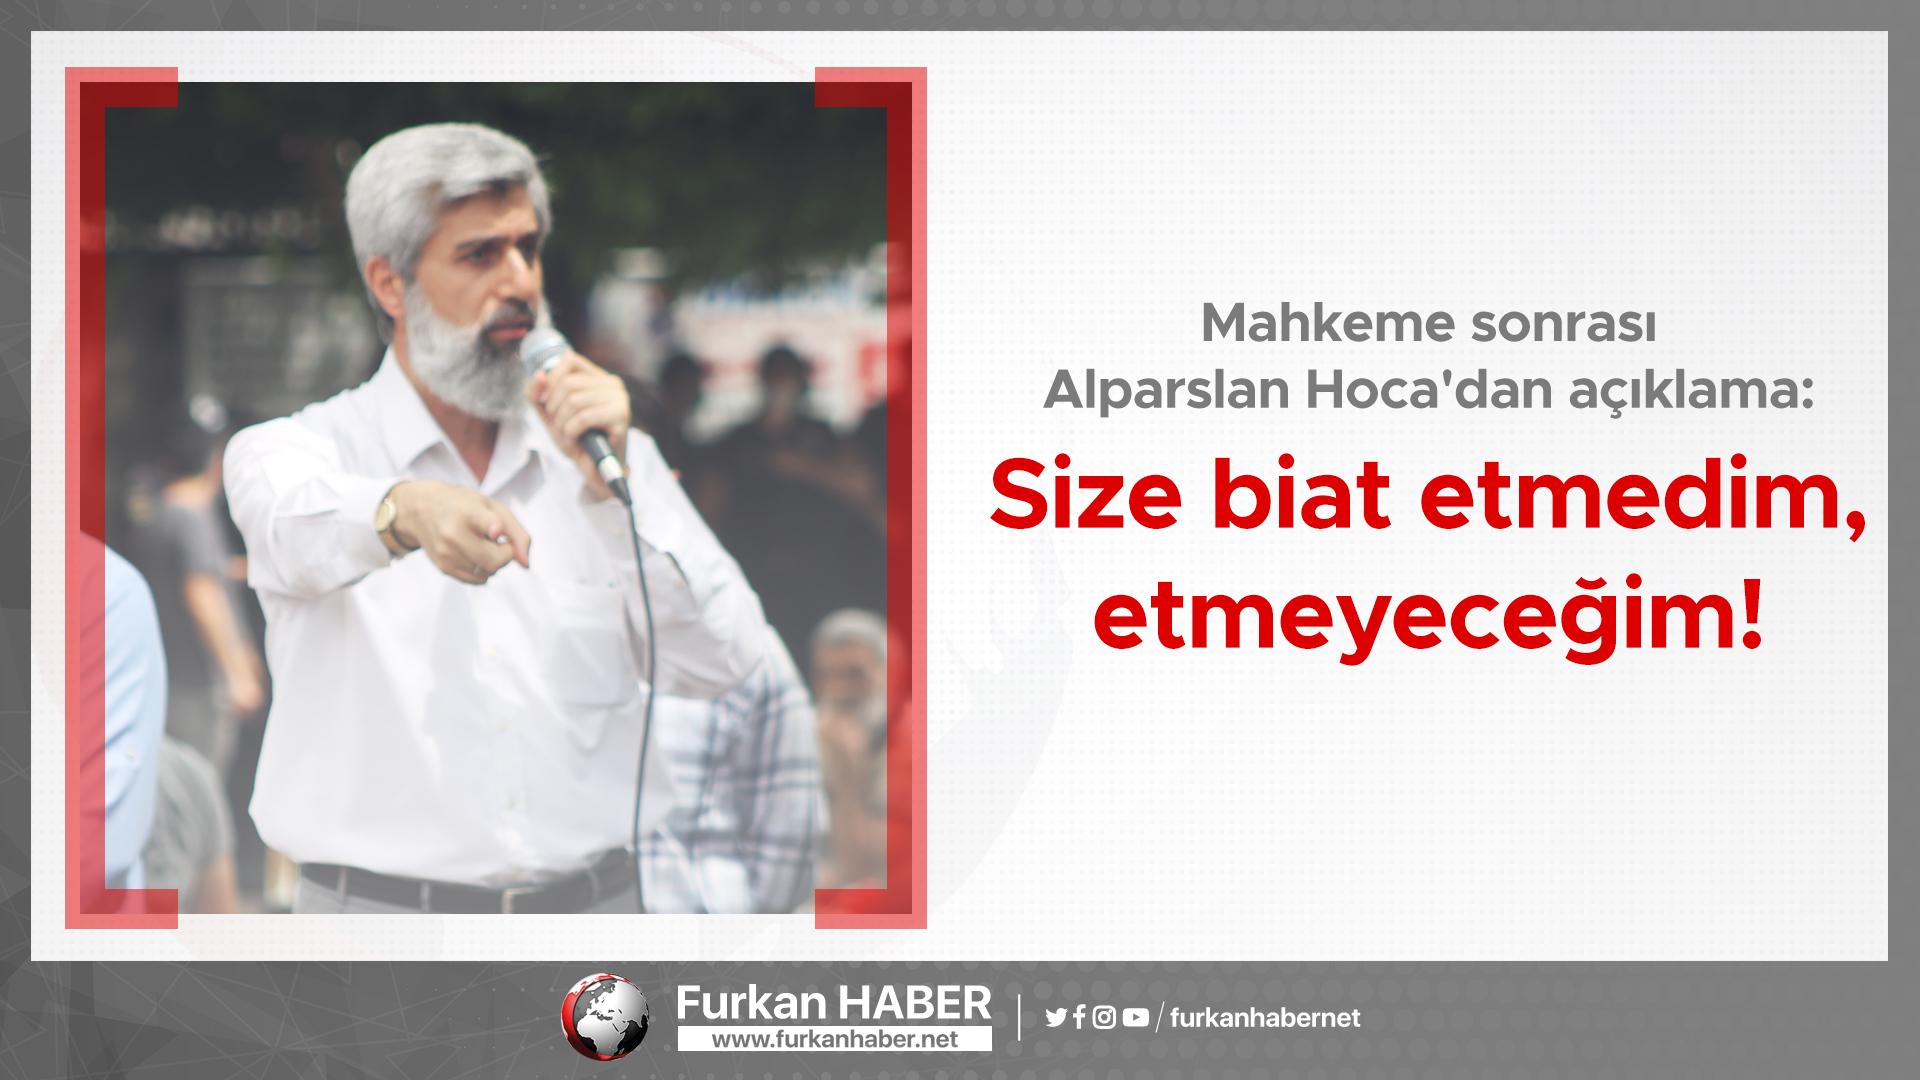 Mahkeme sonrası Alparslan Hoca'dan açıklama: Size biat etmedim, etmeyeceğim!